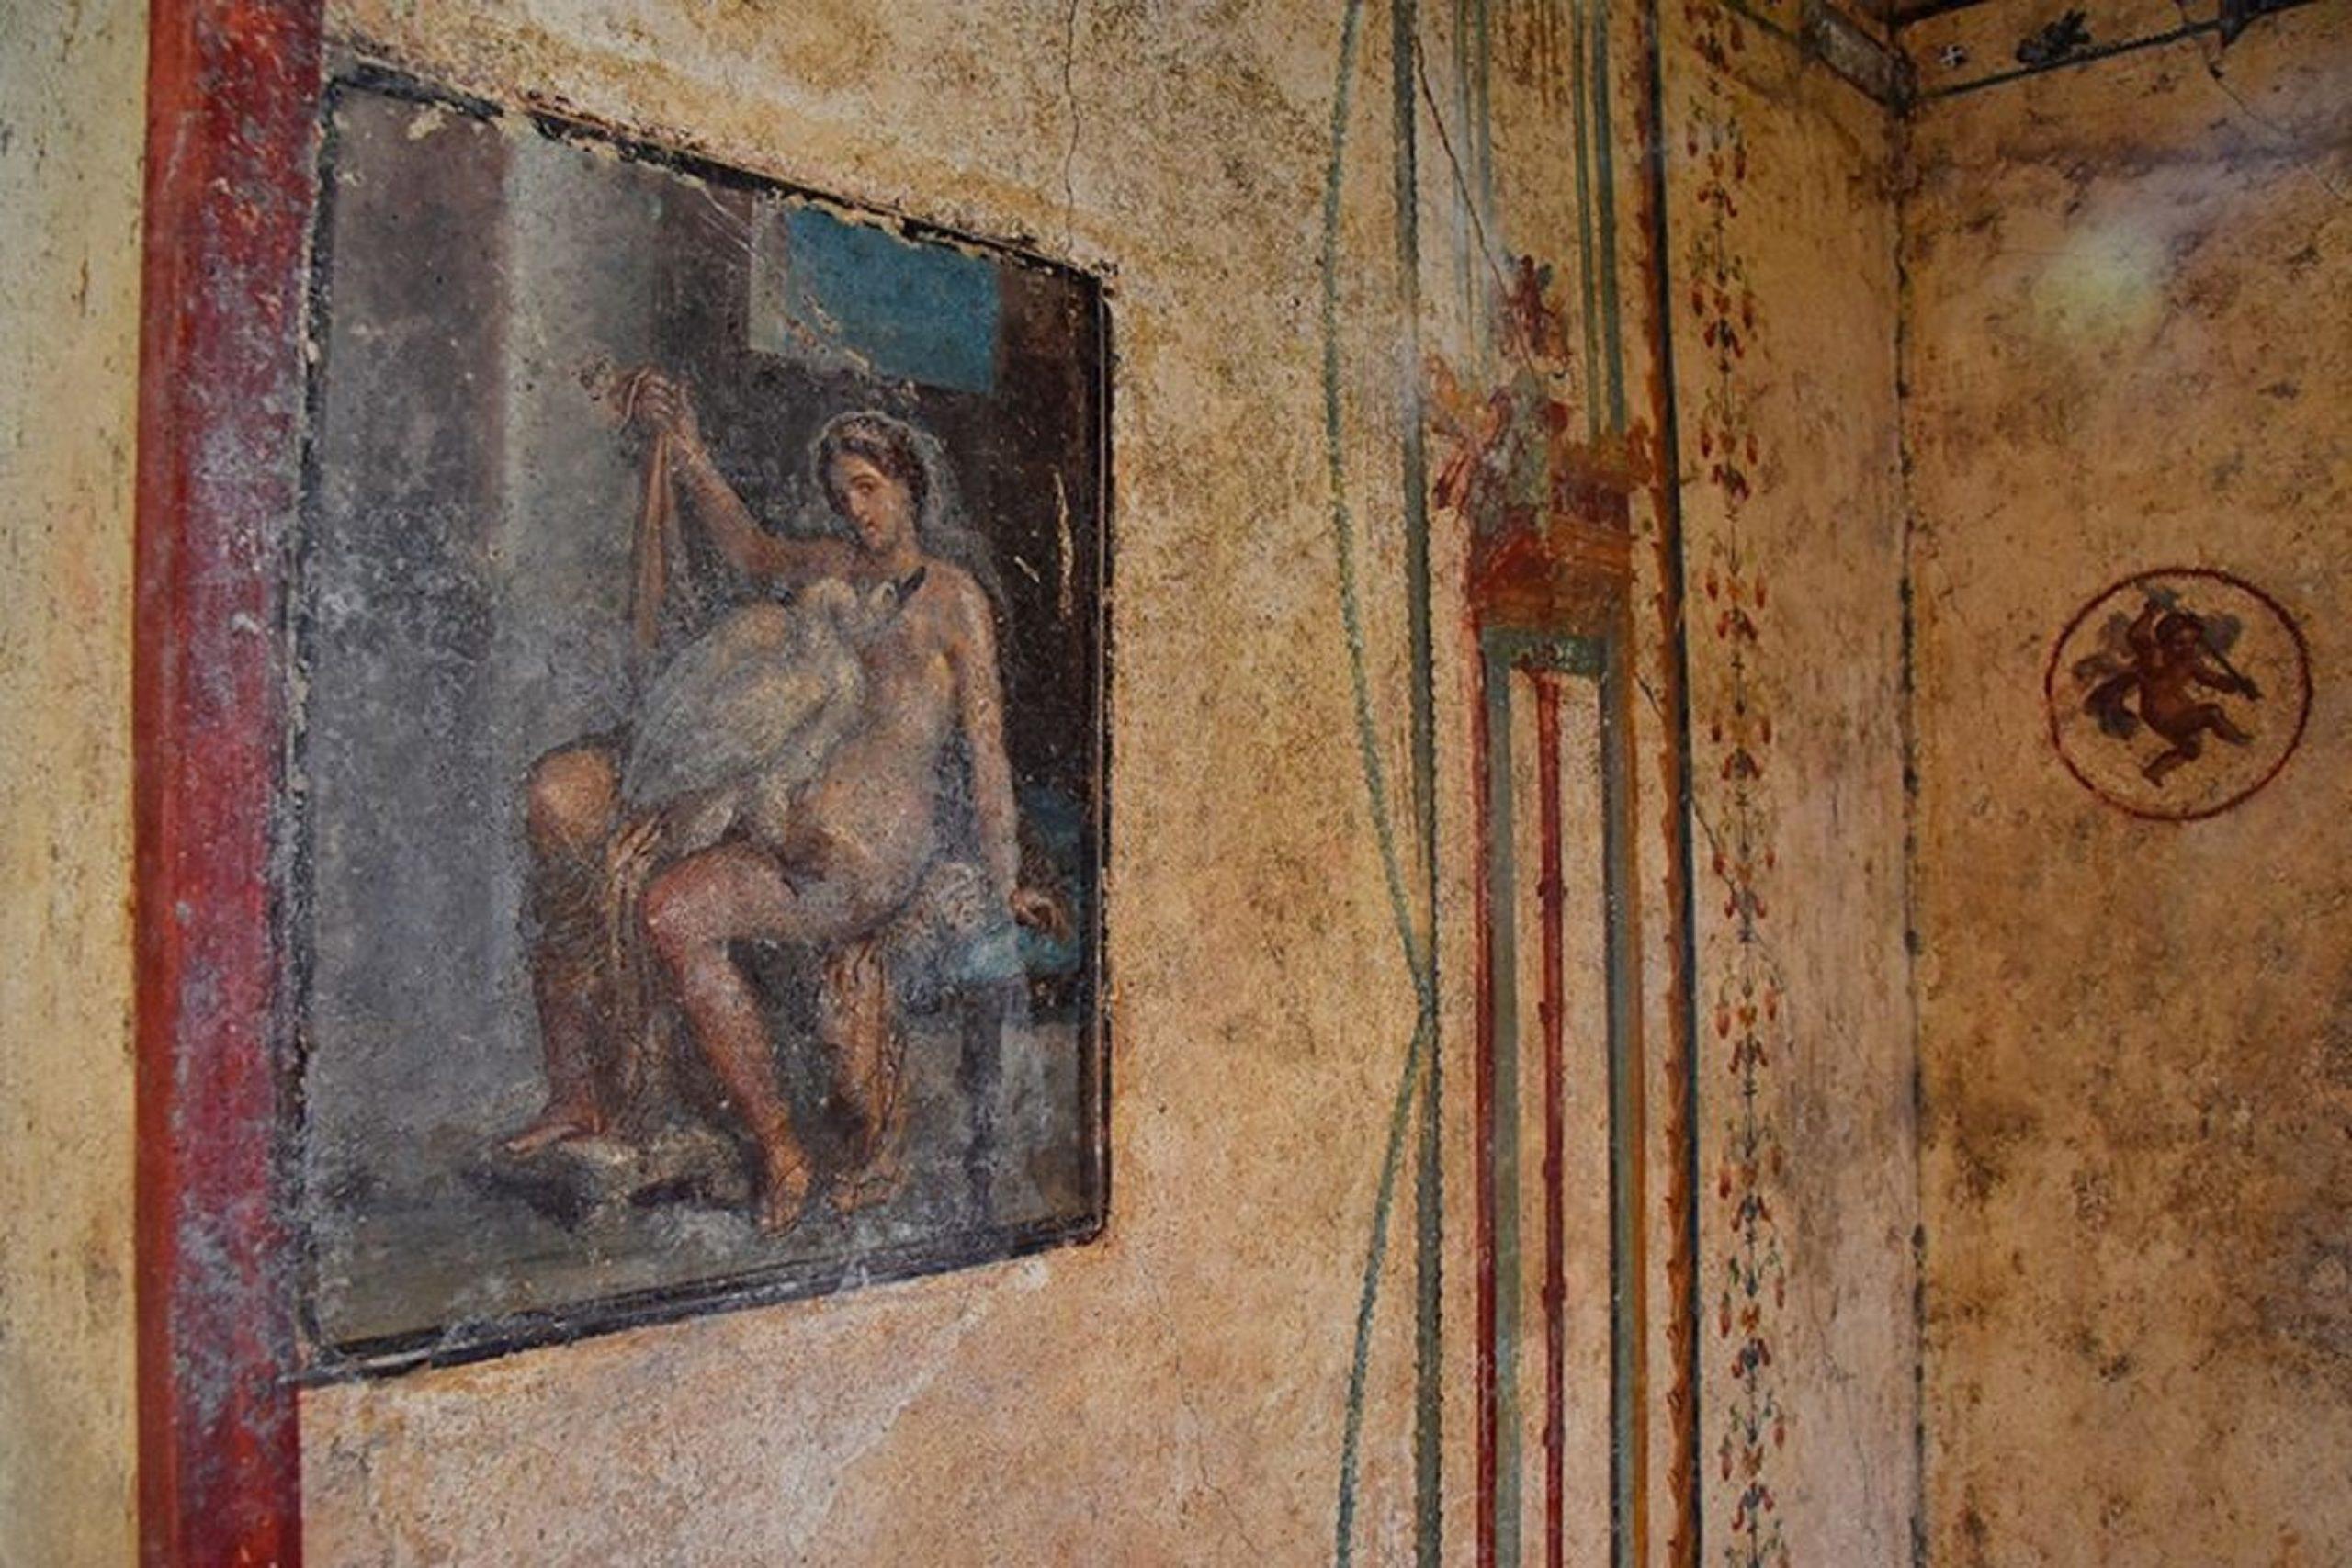 Meraviglia Pompei. La domus di Leda e il cigno: la sensazionale scoperta finalmente visibile al pubblico